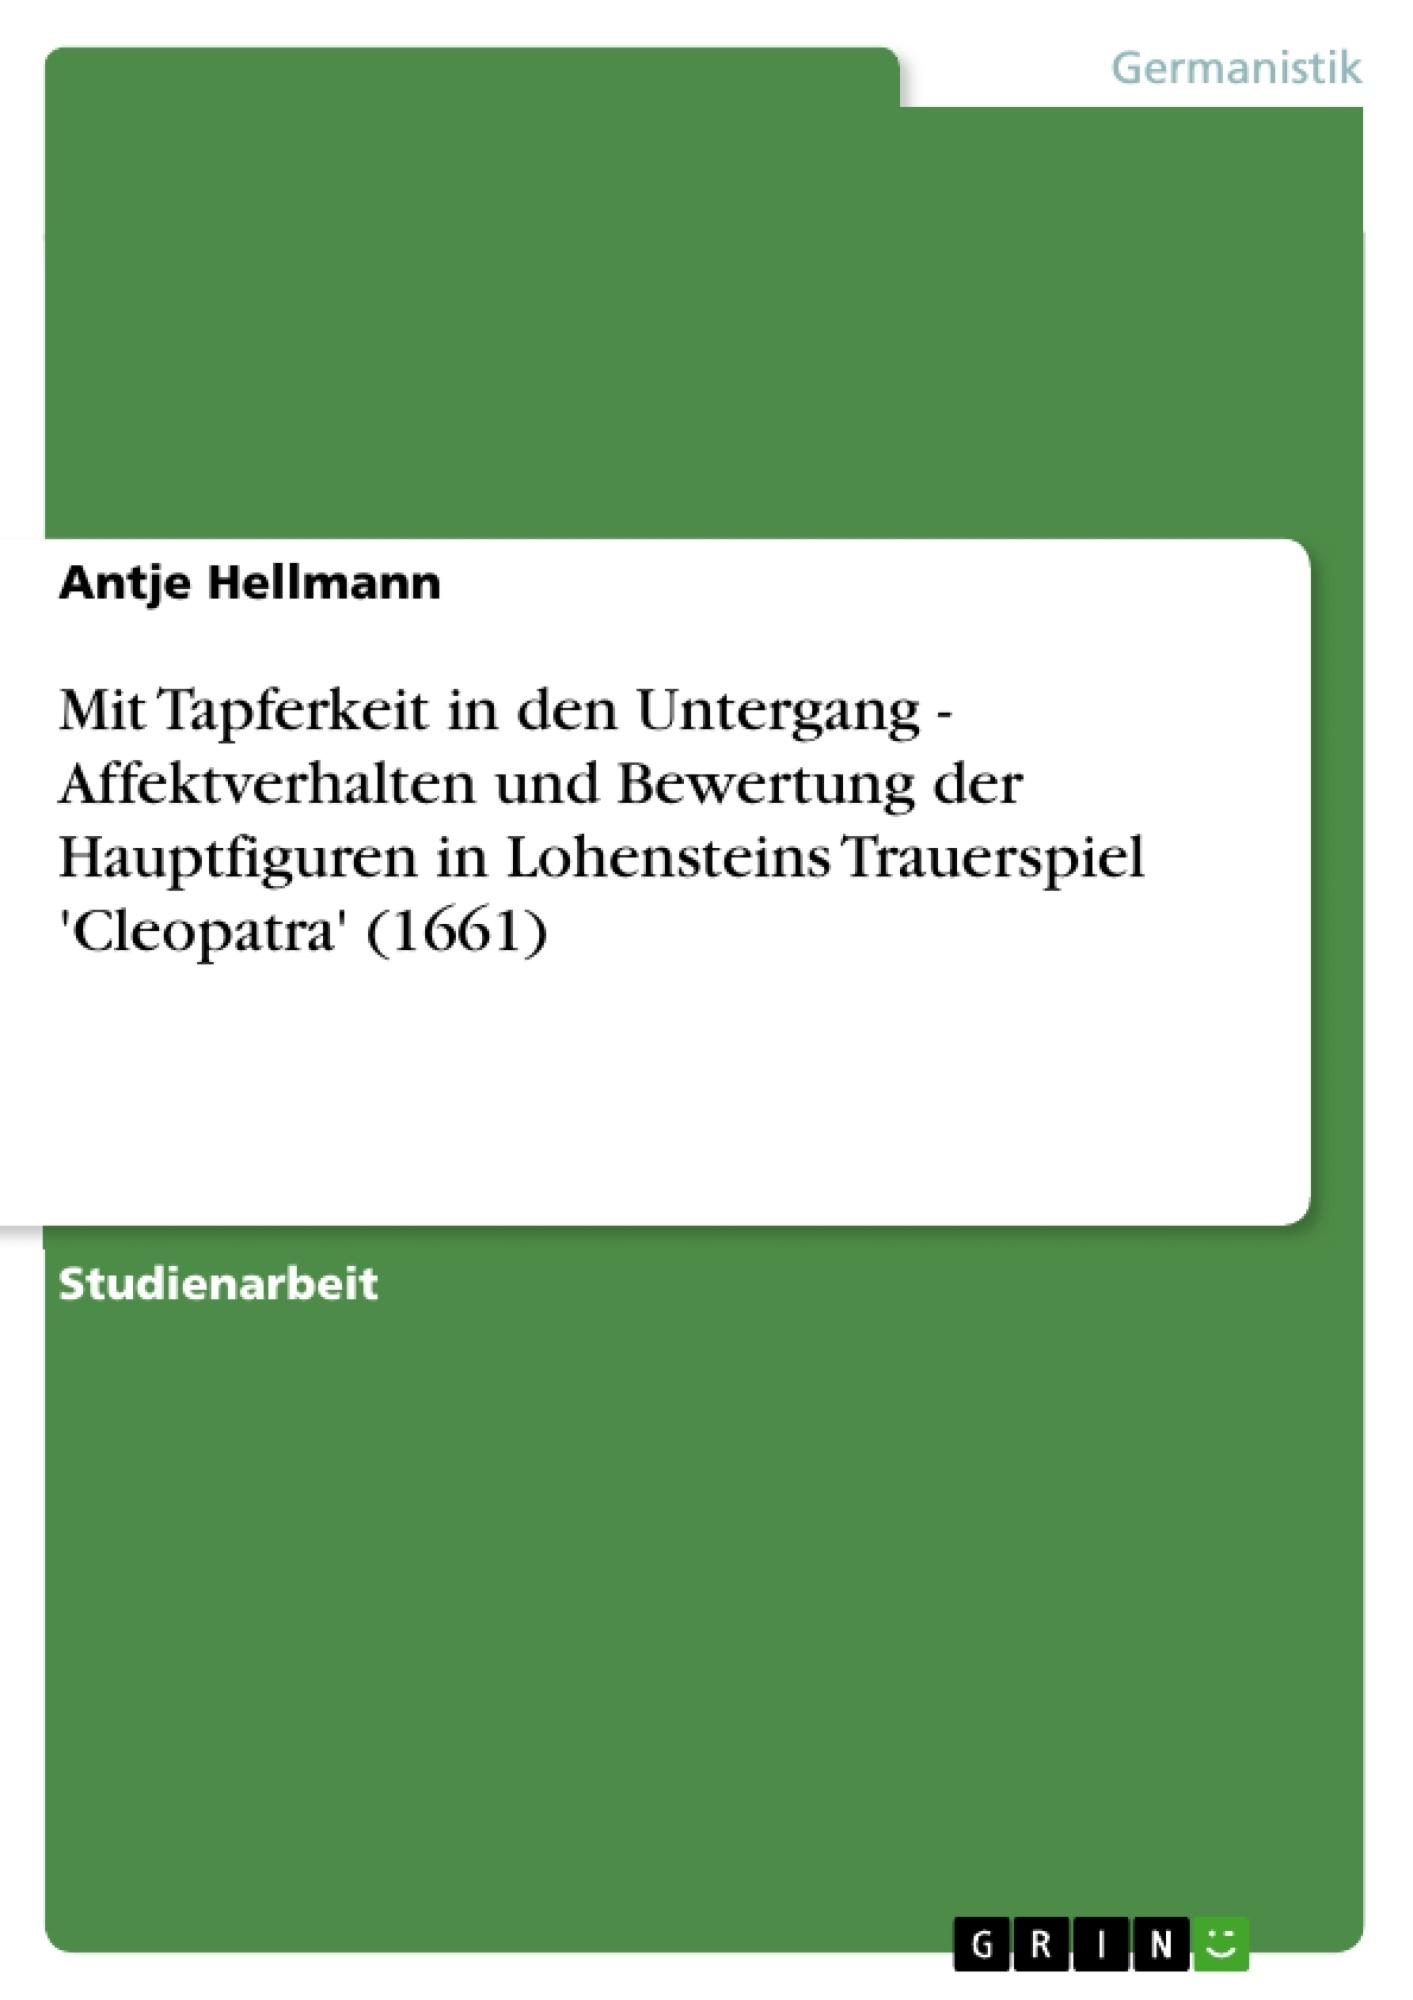 Titel: Mit Tapferkeit in den Untergang - Affektverhalten und Bewertung der Hauptfiguren in Lohensteins Trauerspiel 'Cleopatra' (1661)